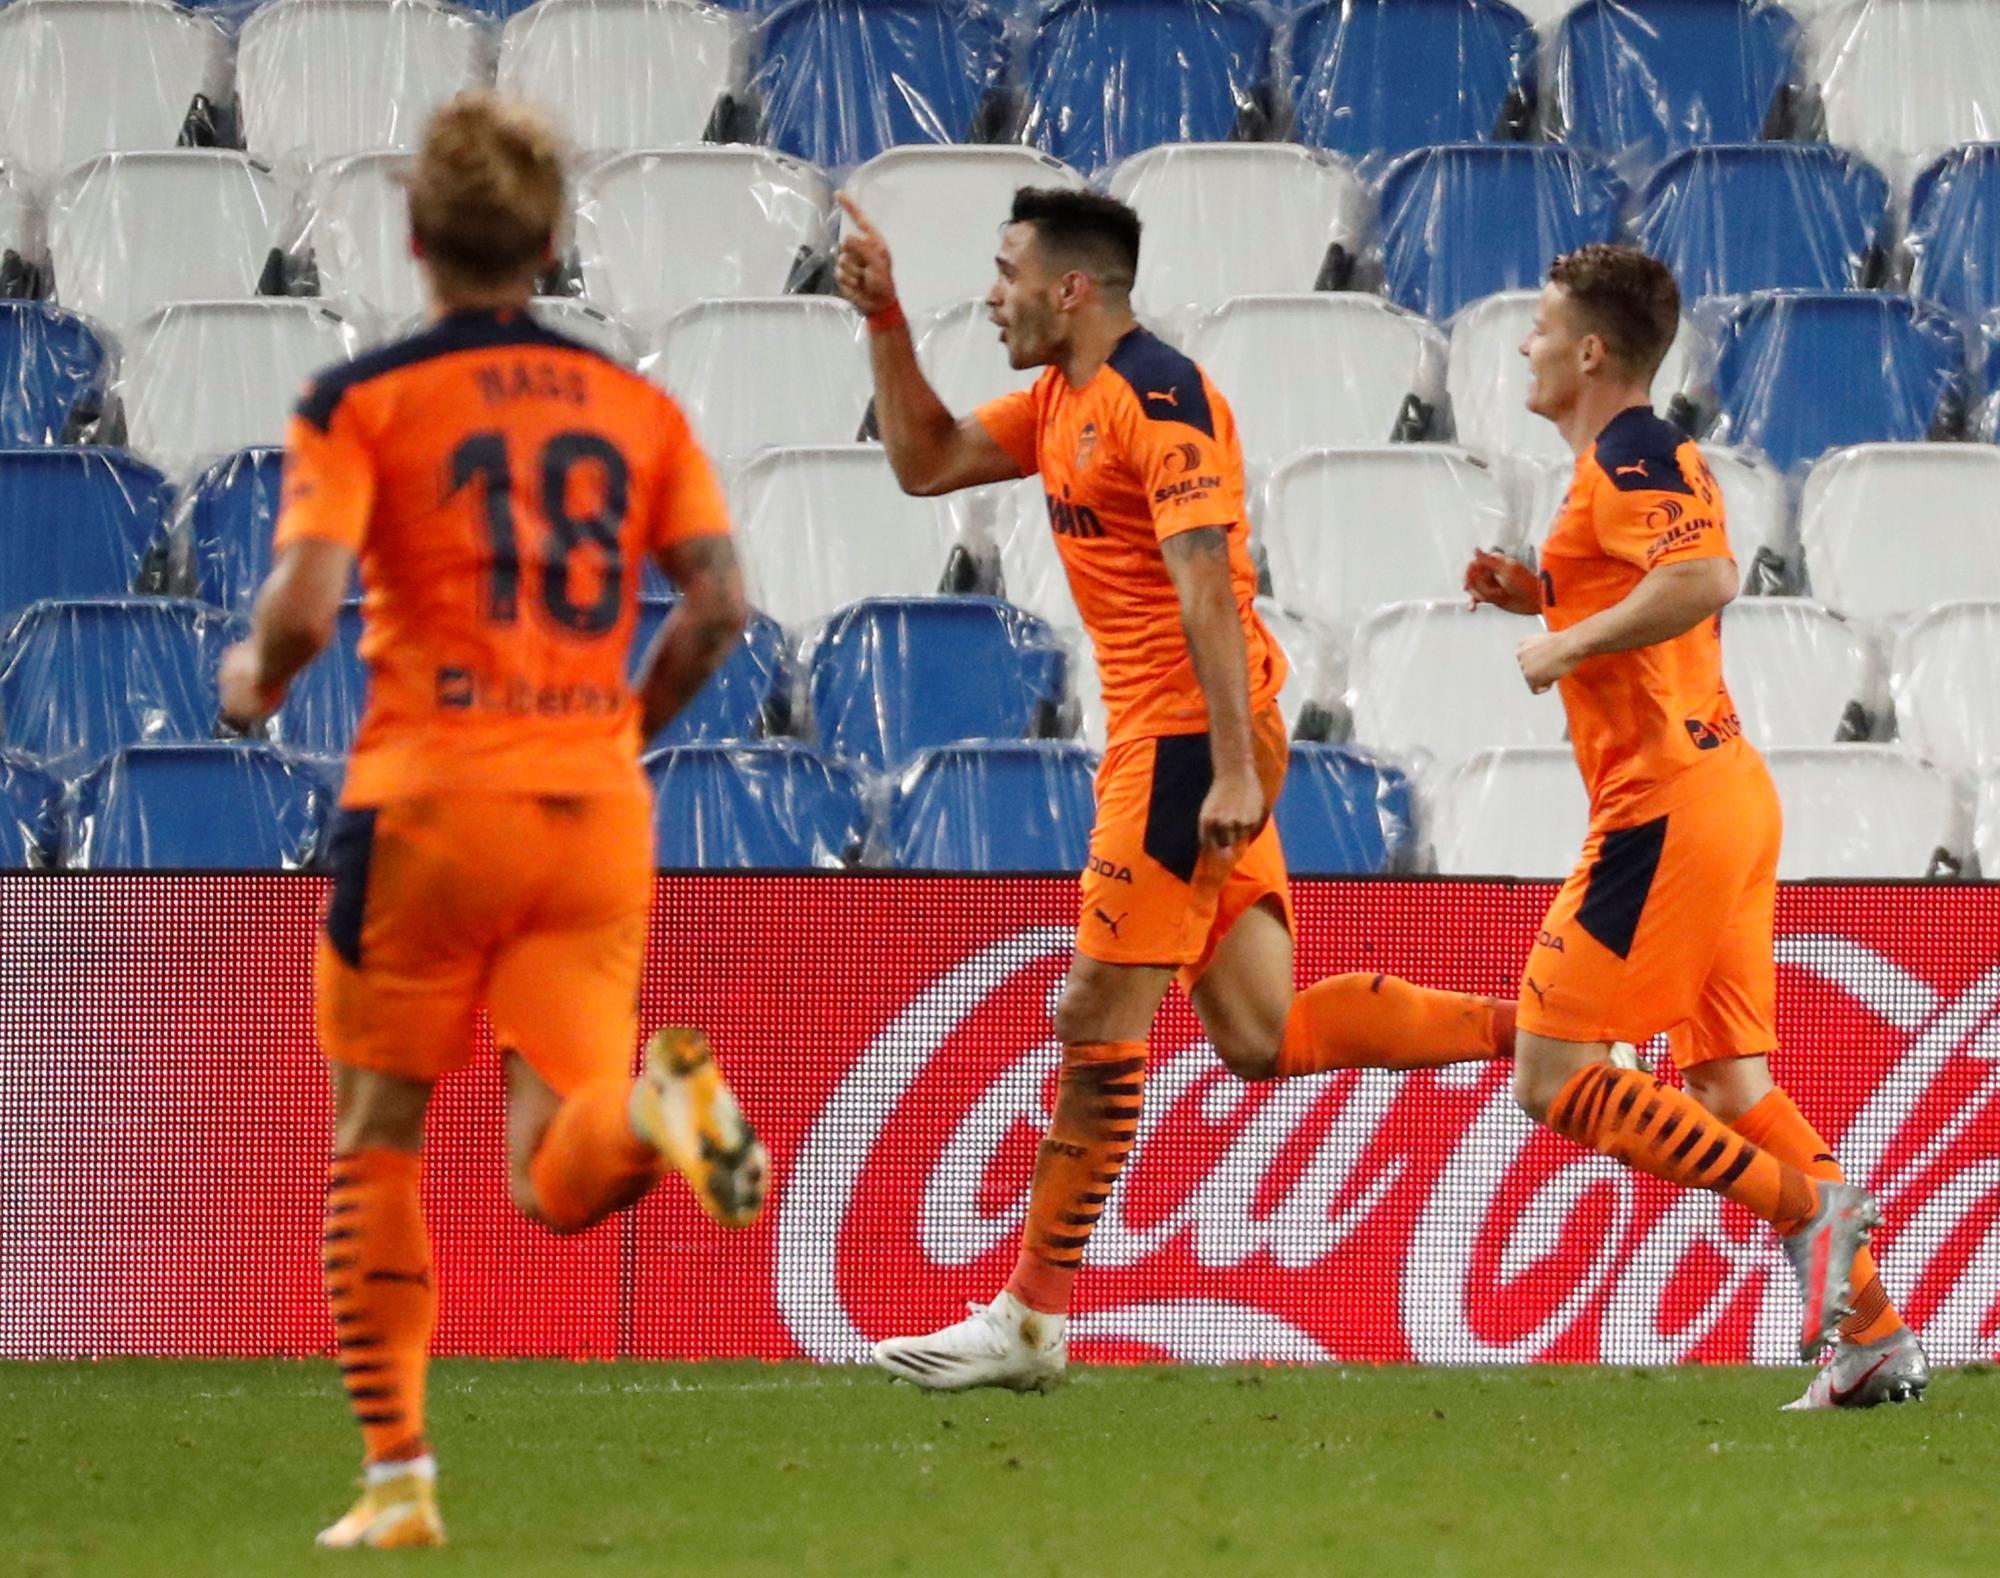 Galería Real Sociedad - Valencia C. F. 29/09/2020